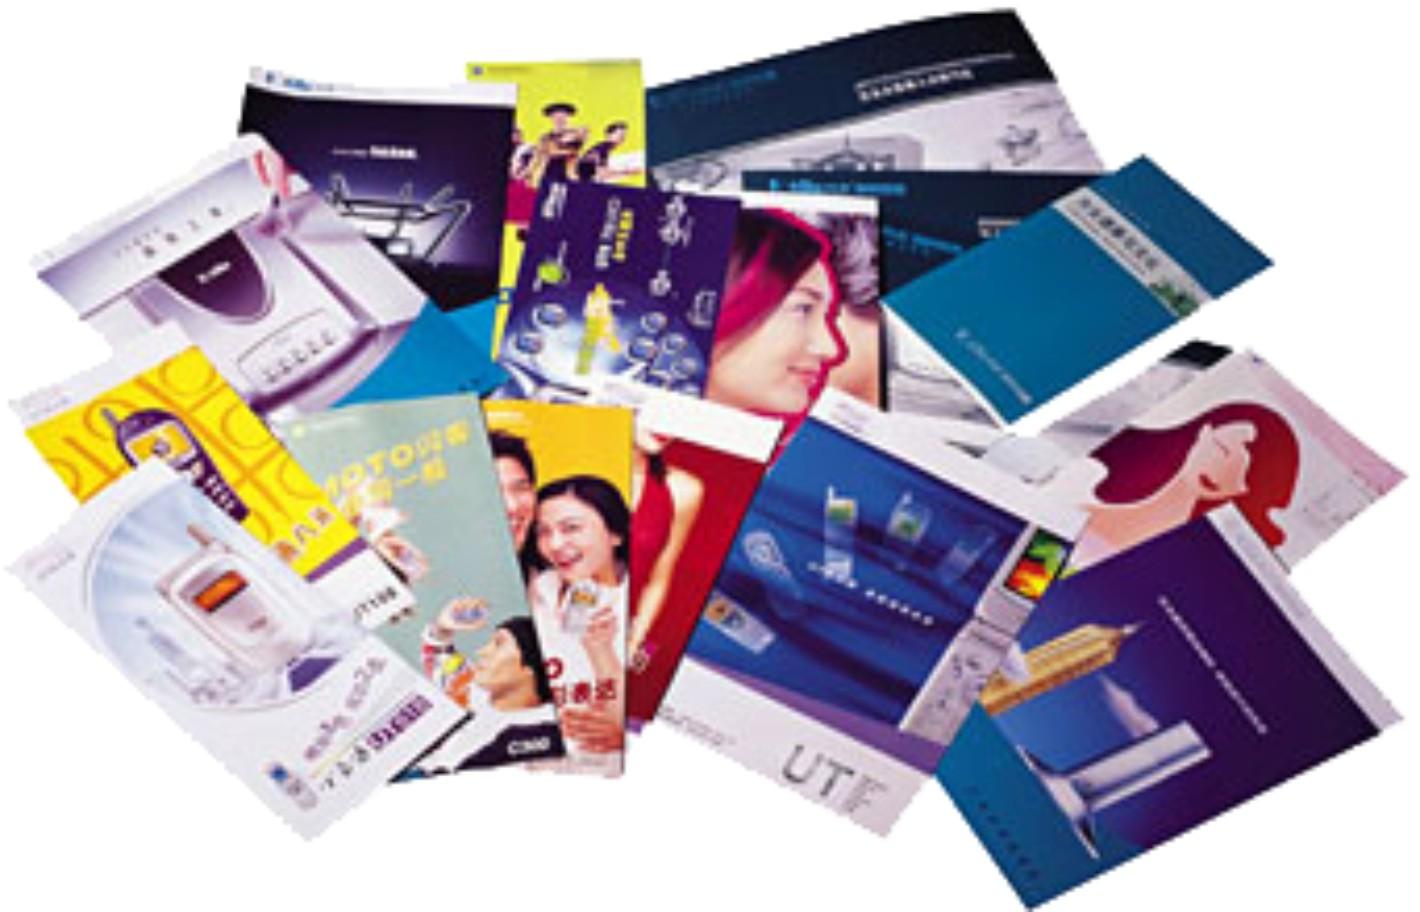 Thiết kế, in ấn các sản phẩm cho quảng cáo, ấn phẩm văn phòng, tạp chí, catalogue, profile, tờ rơi, tờ gấp, tem – nhãn, hóa đơn, phong bì thư, name card…